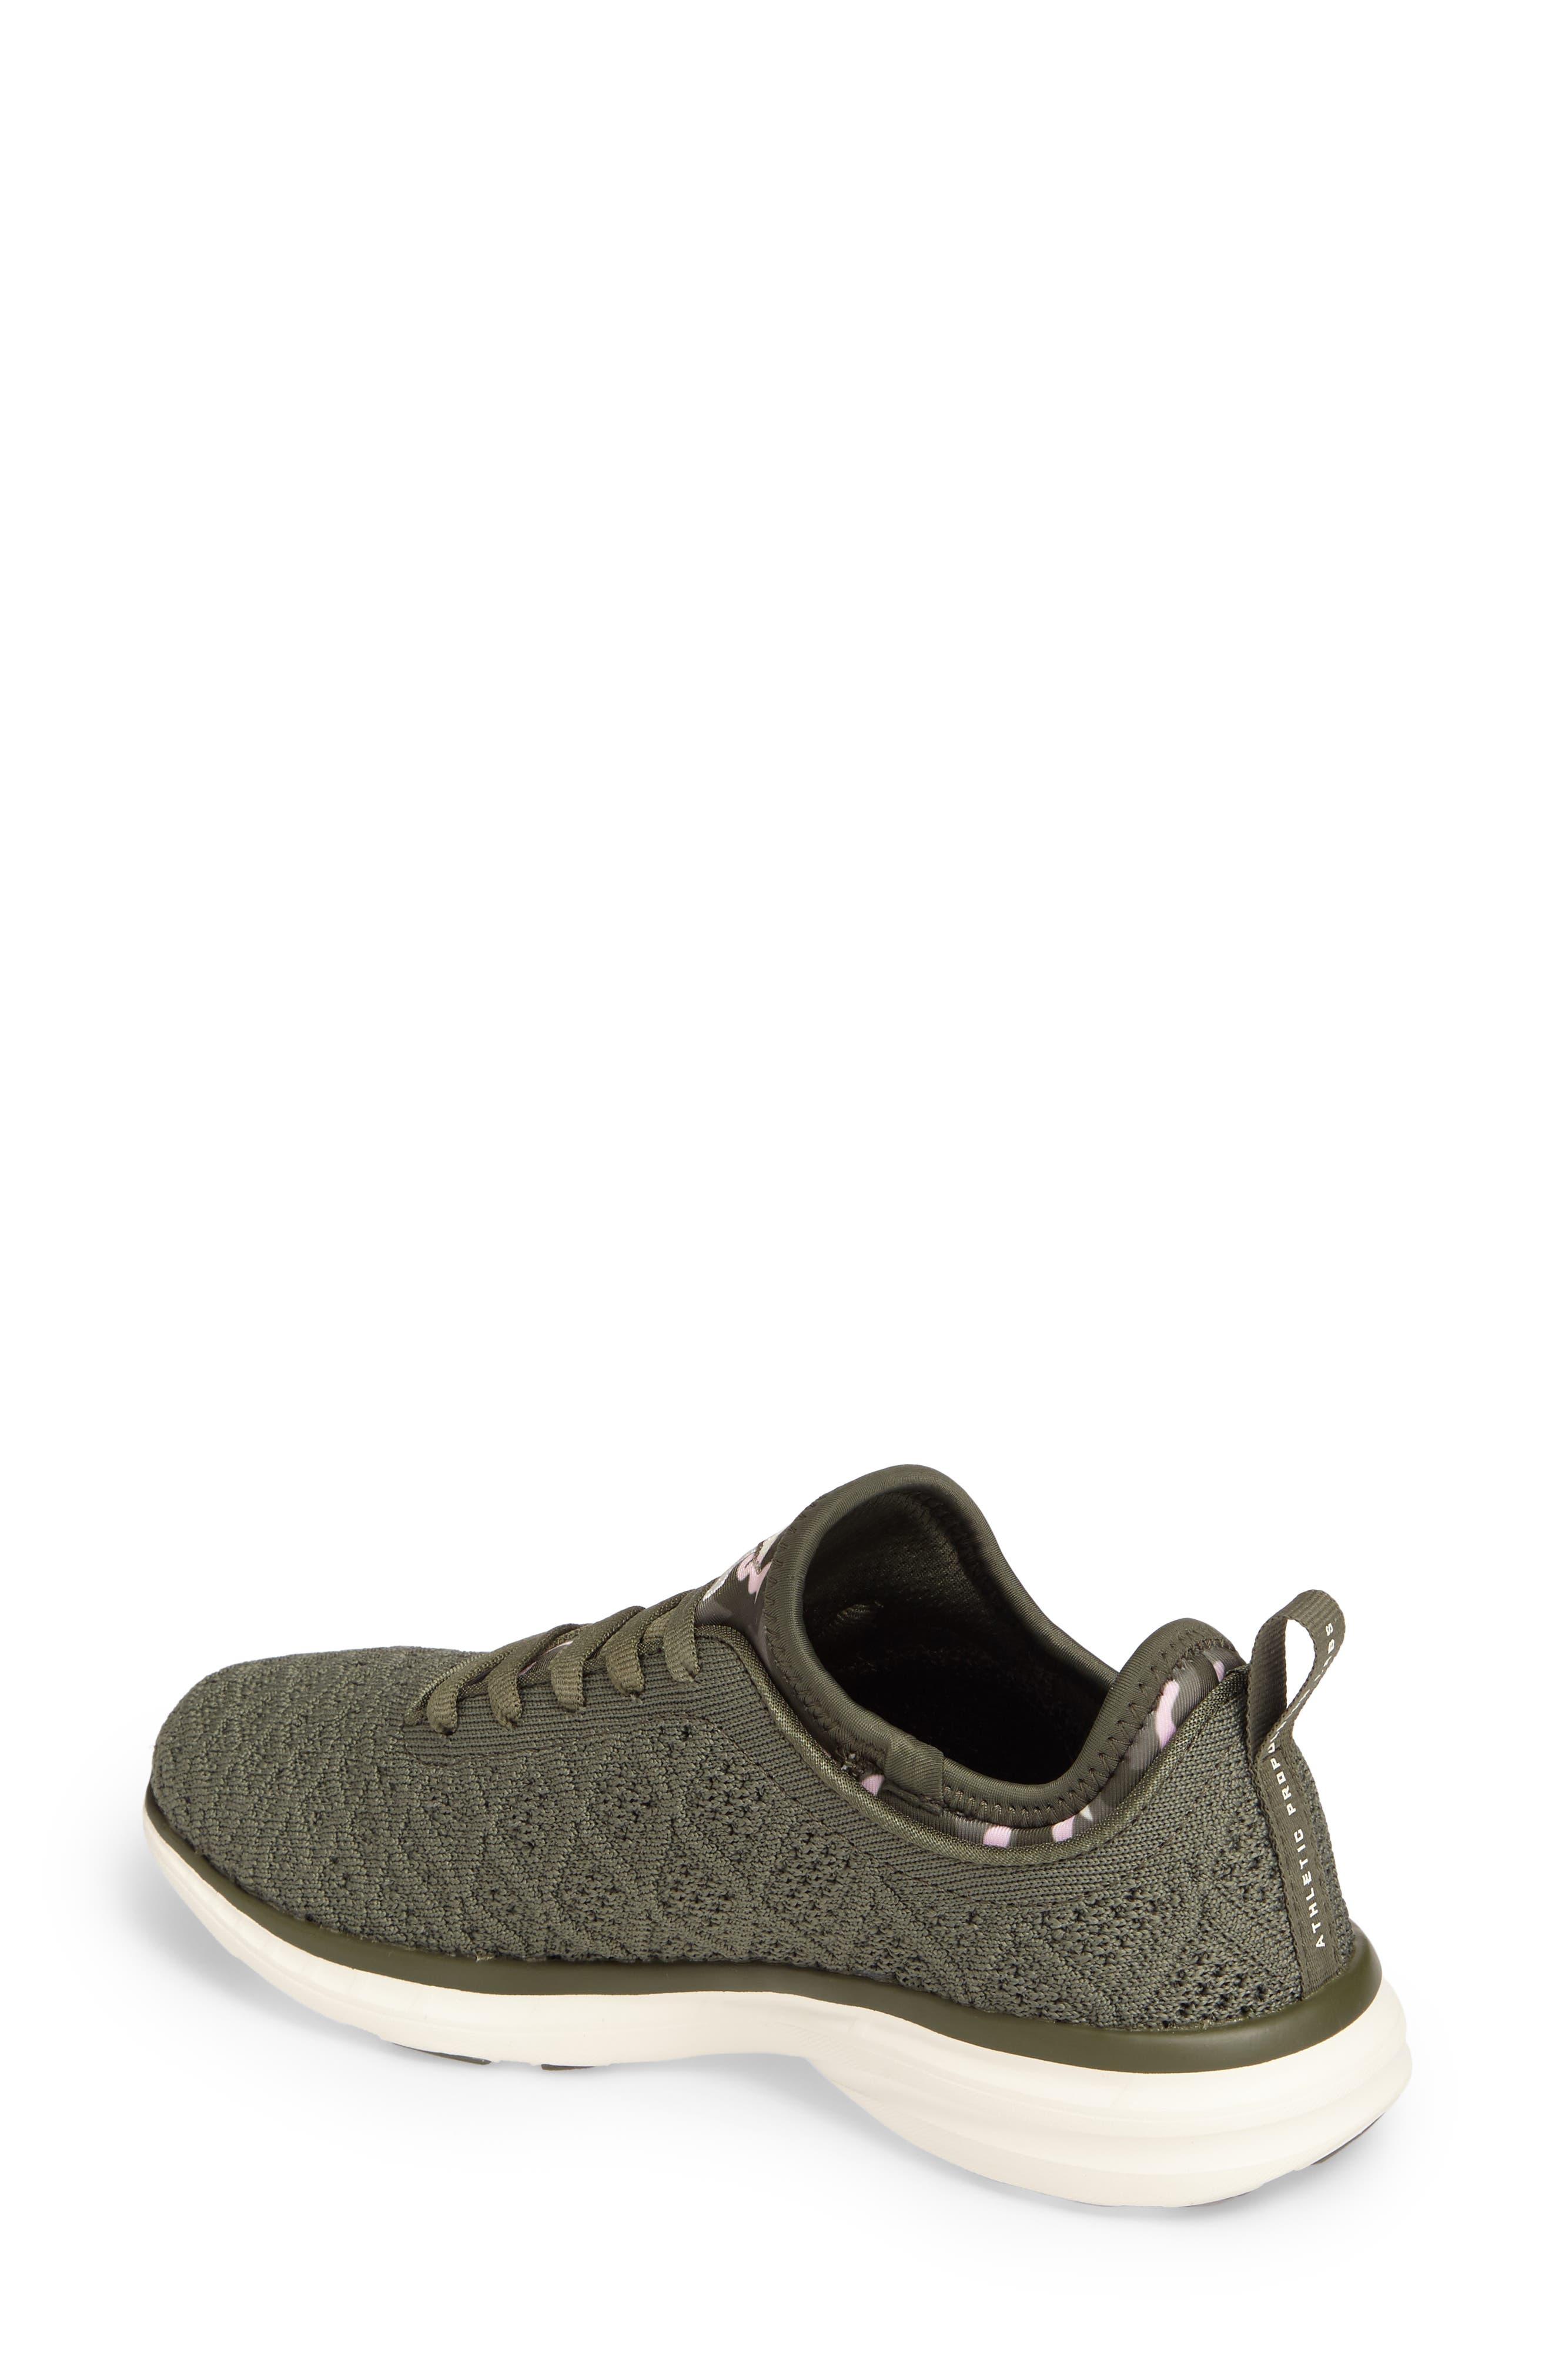 Alternate Image 2  - APL 'TechLoom Phantom' Running Shoe (Women)